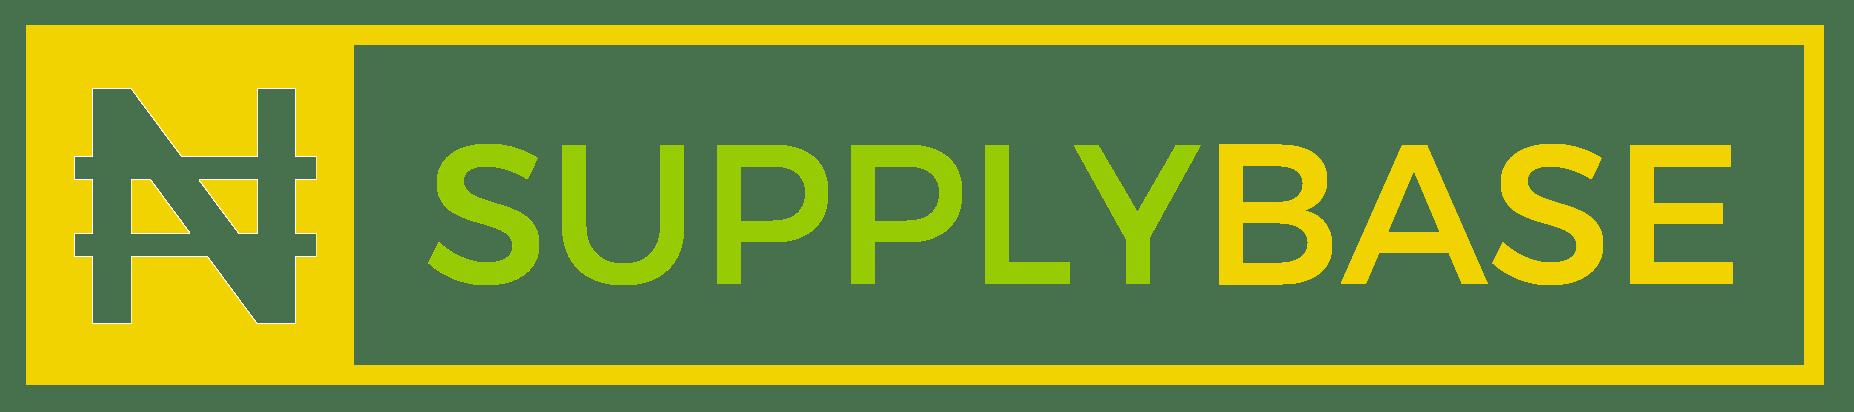 SupplyBase Logo